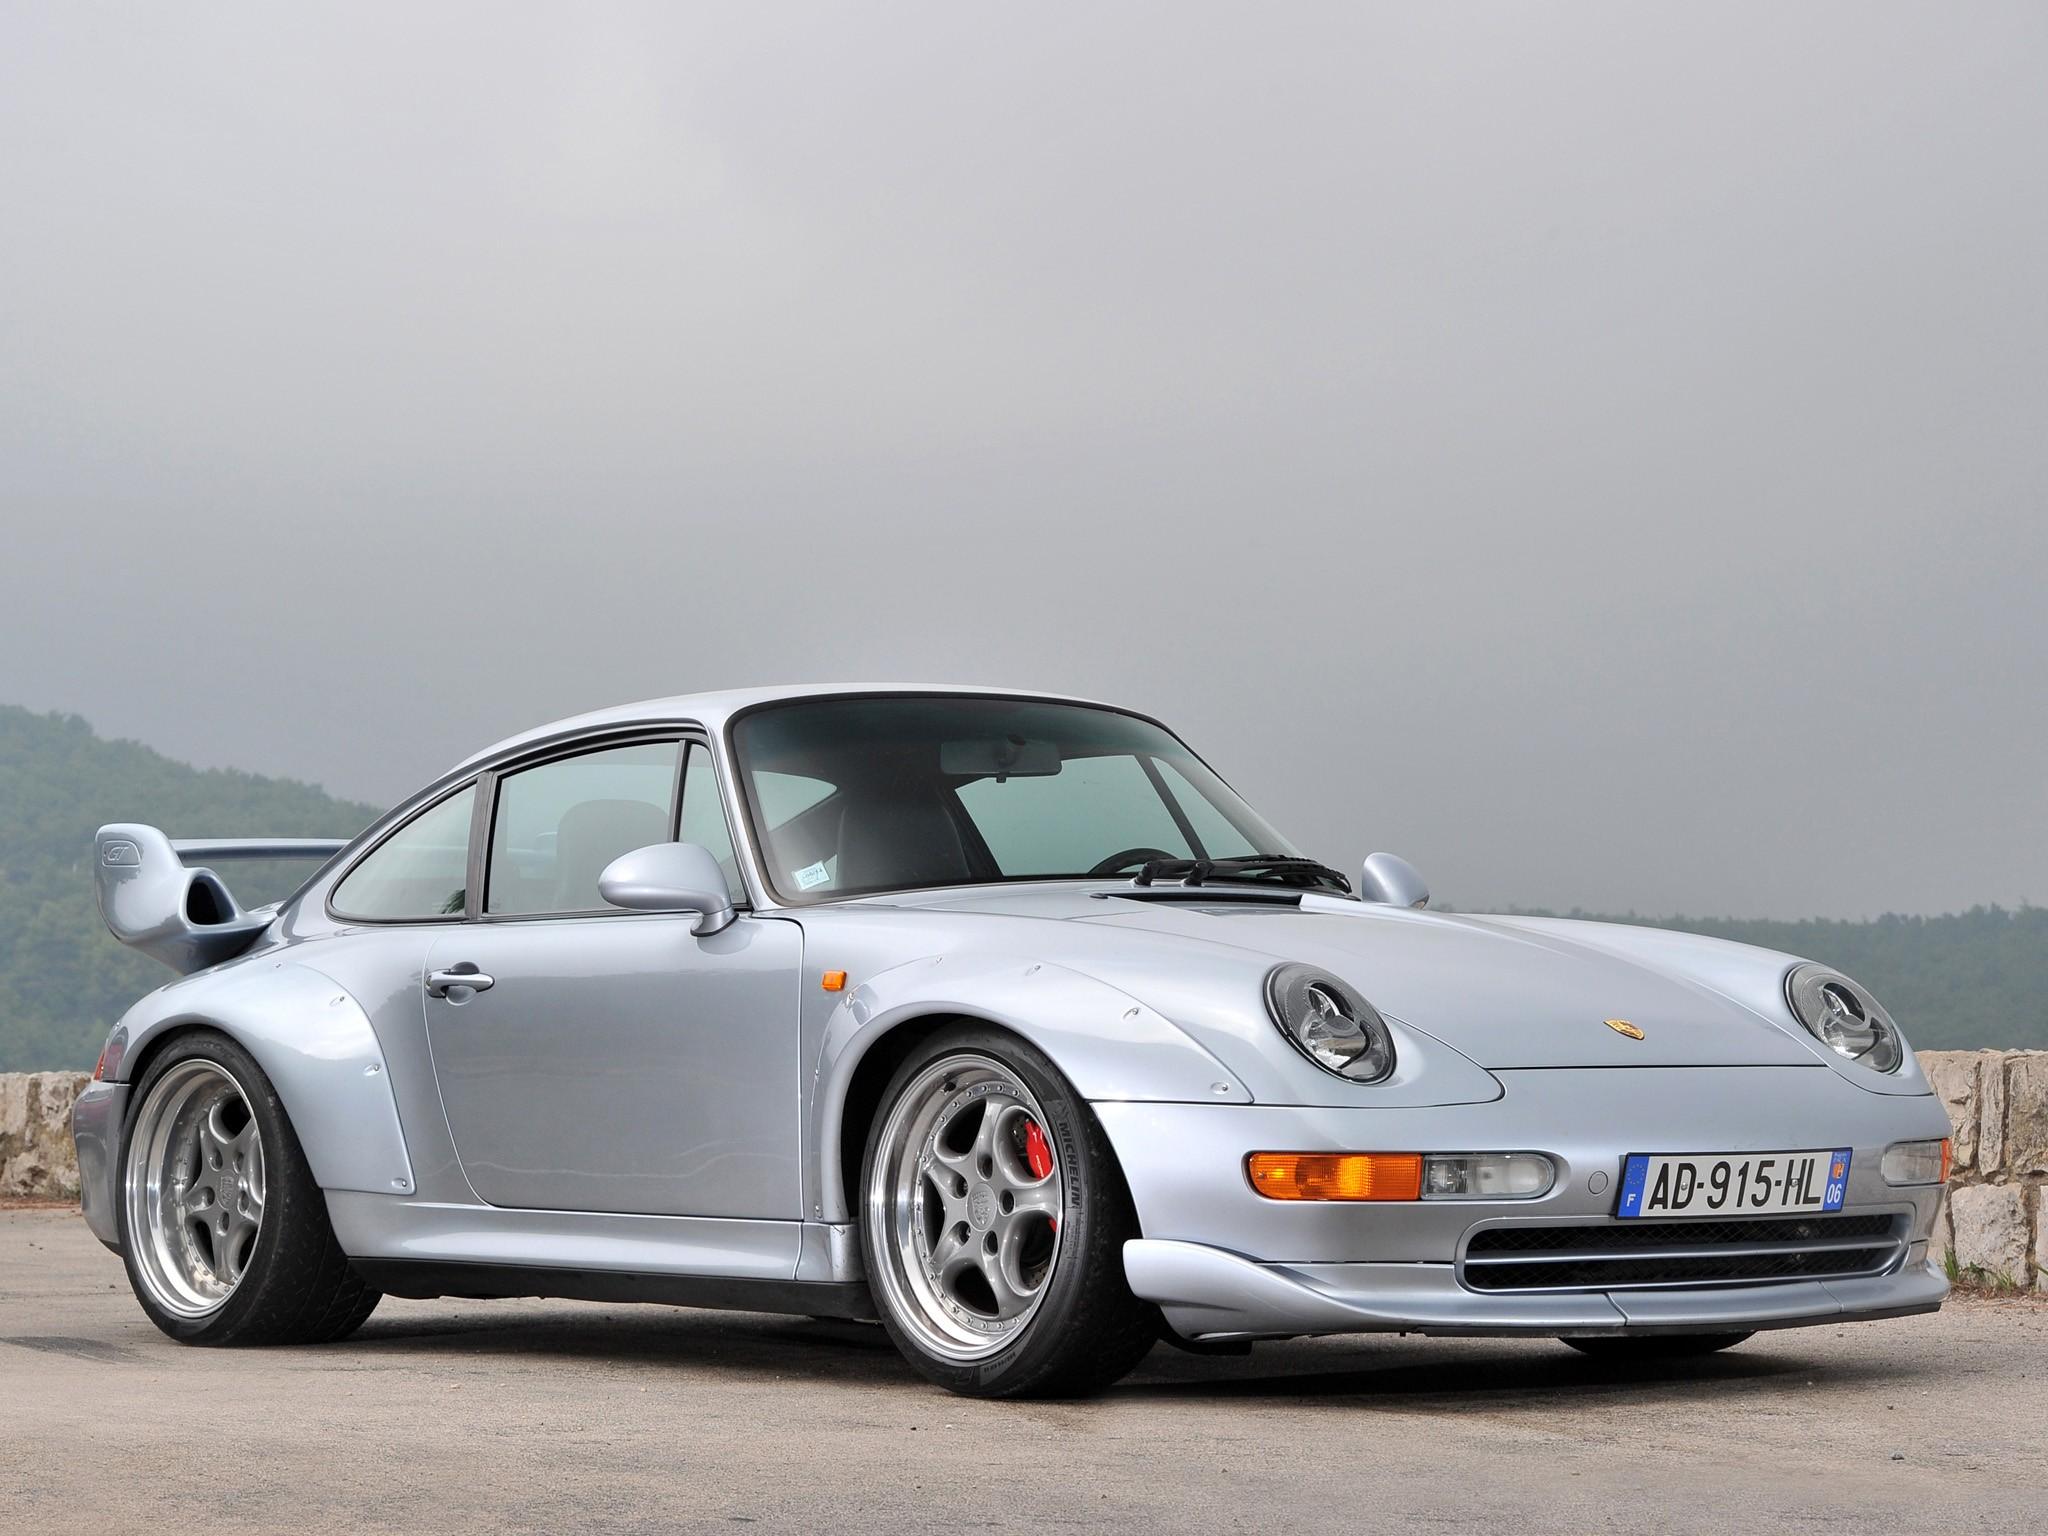 https://s1.cdn.autoevolution.com/images/gallery/PORSCHE-911-GT2--993--2961_23.jpg